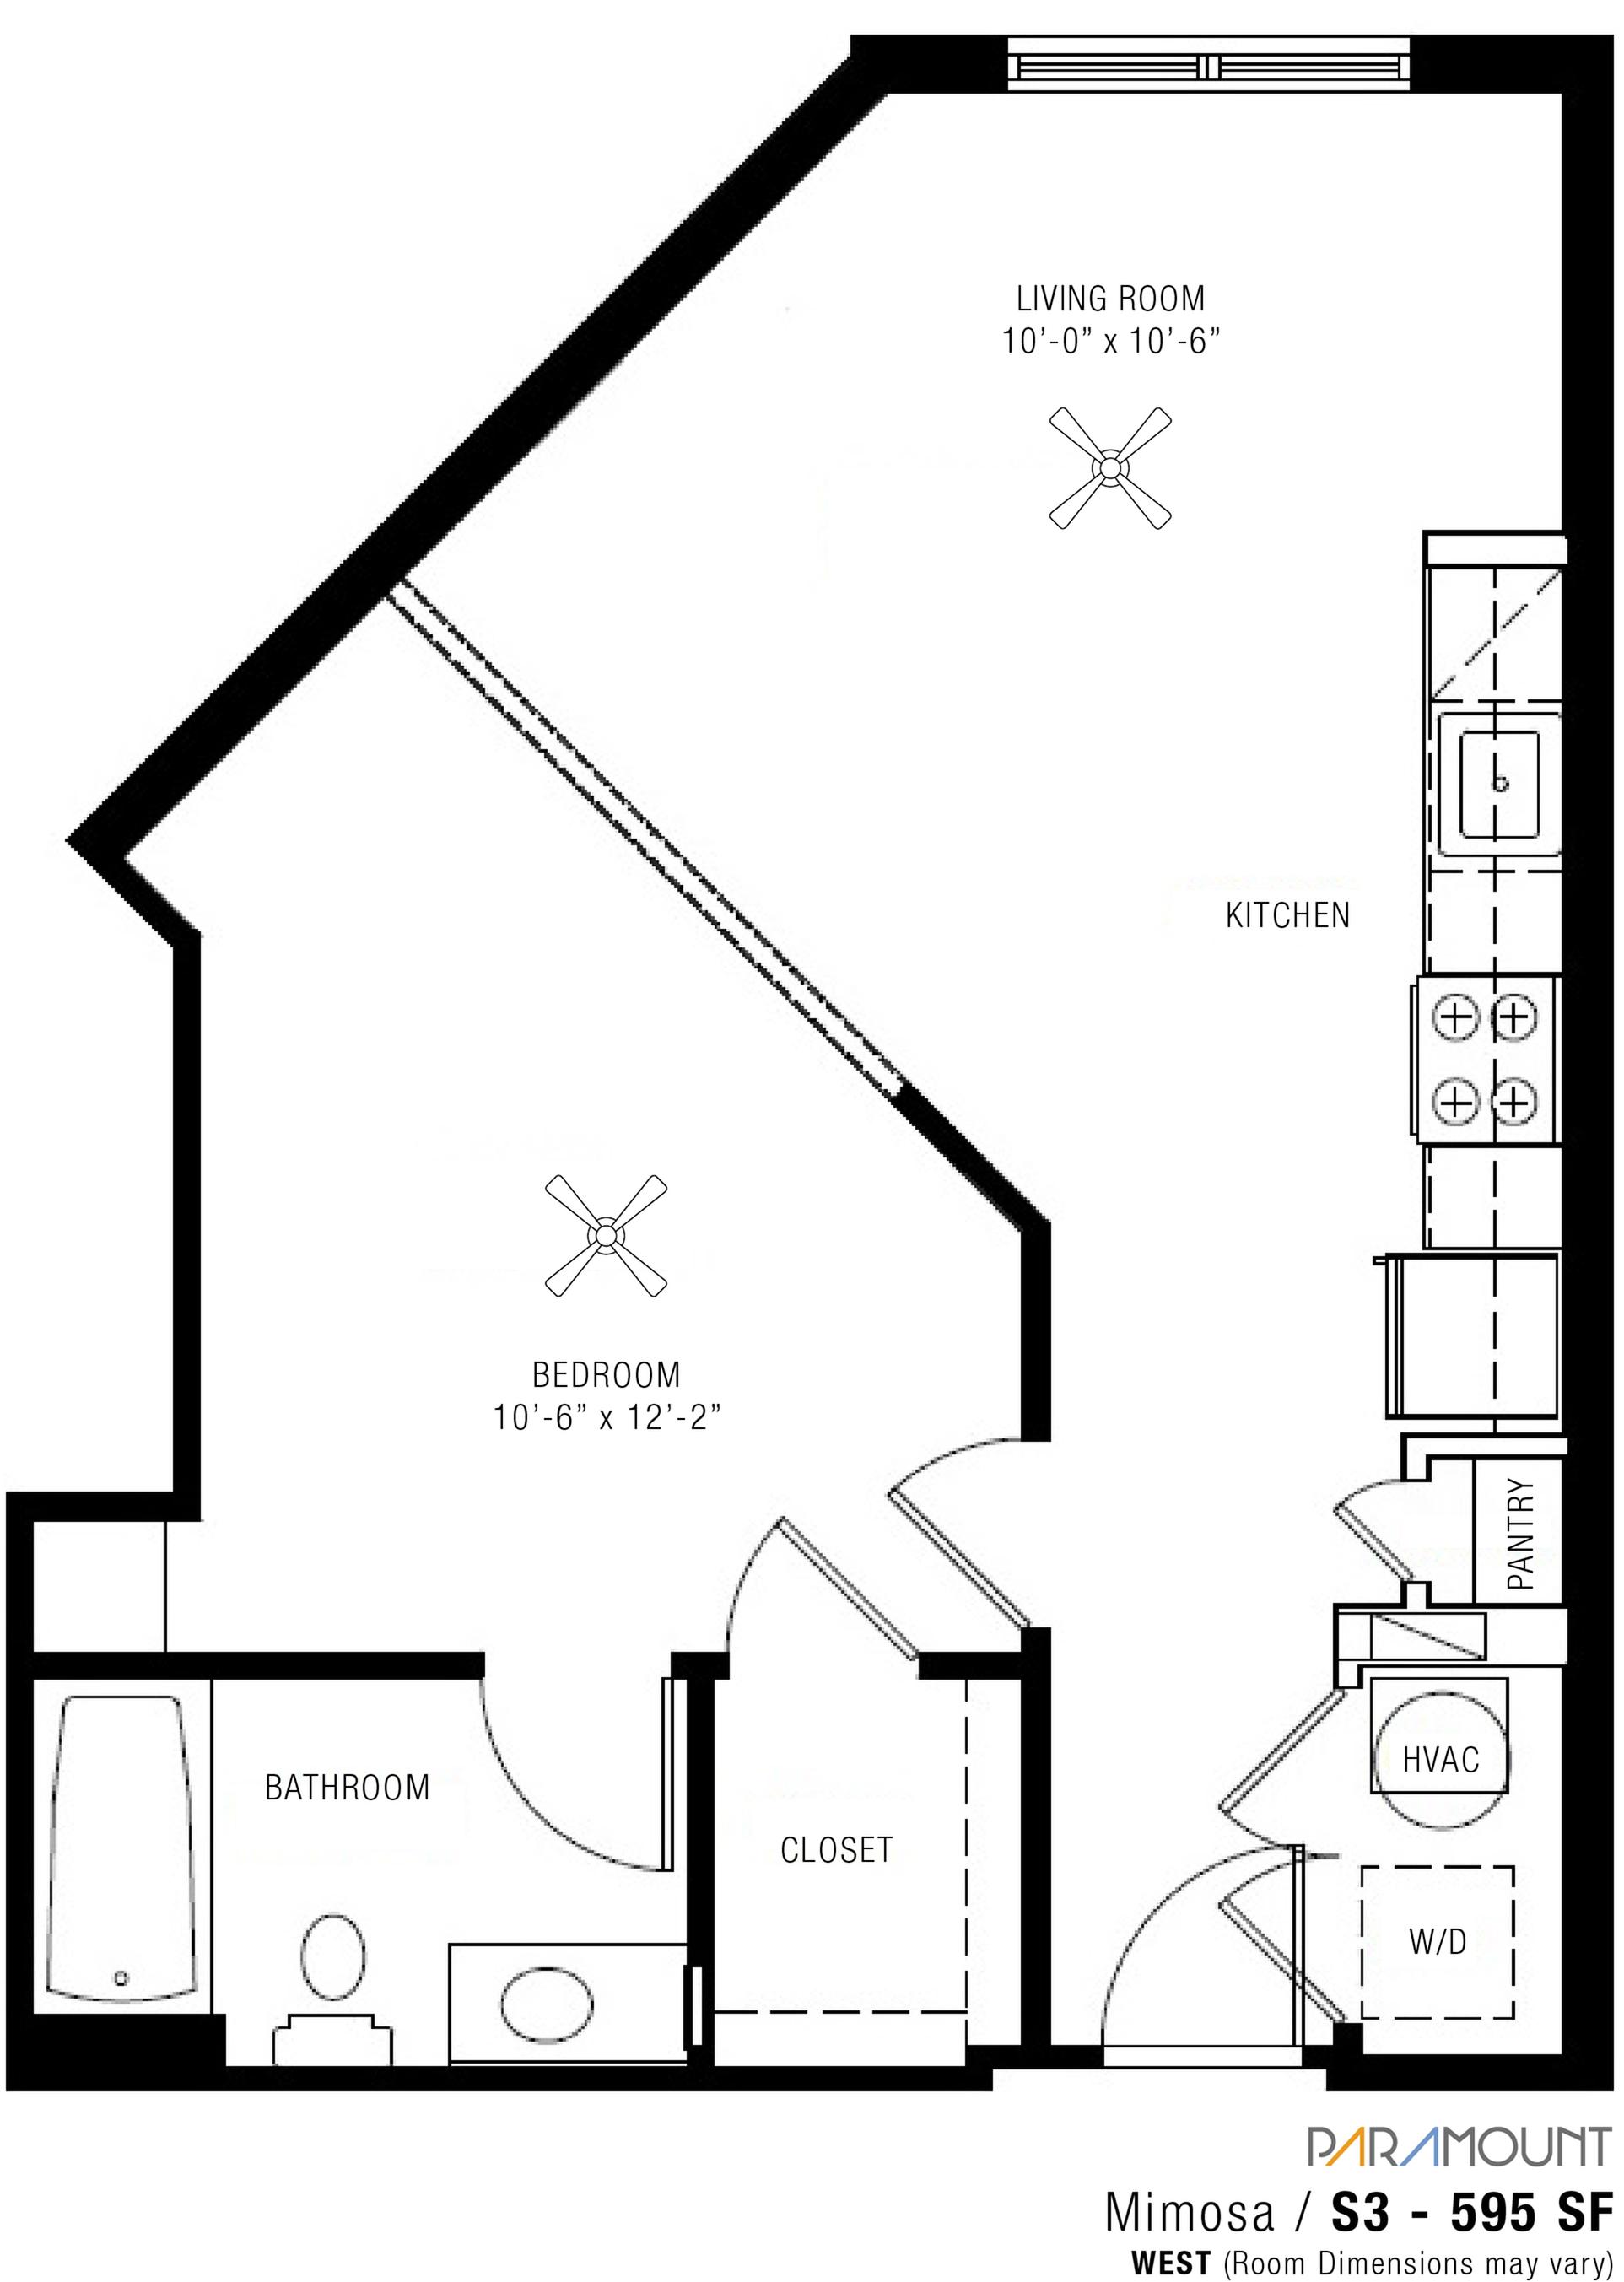 Studio 1 Bath Apartment In Gaithersburg Md Spectrum Paramount